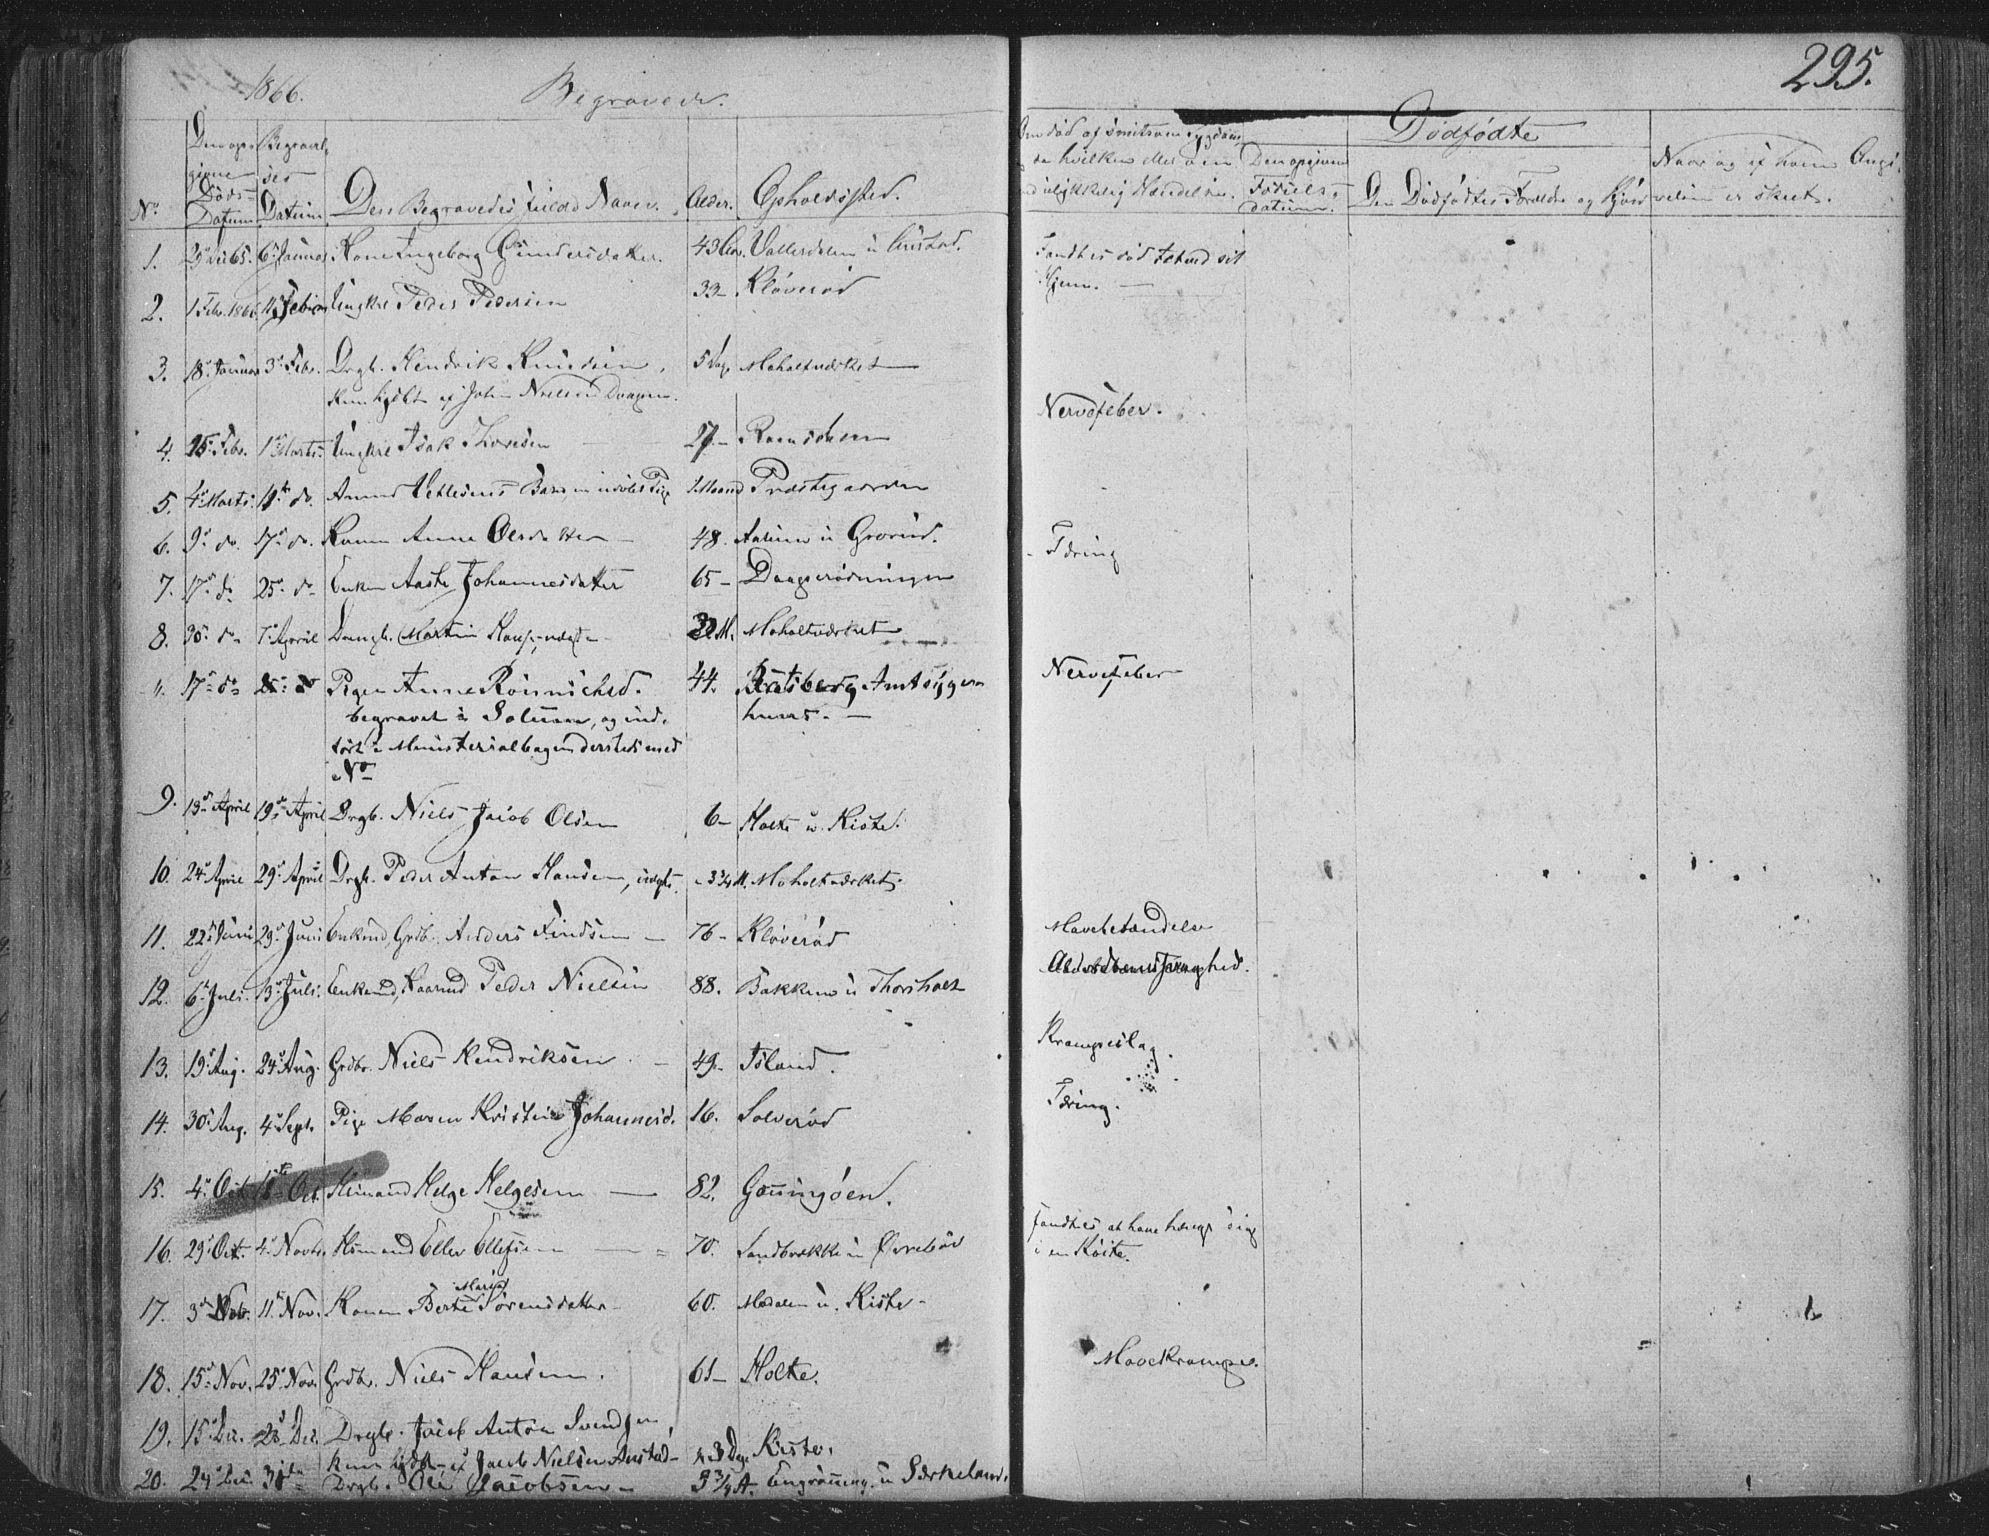 SAKO, Siljan kirkebøker, F/Fa/L0001: Ministerialbok nr. 1, 1831-1870, s. 295